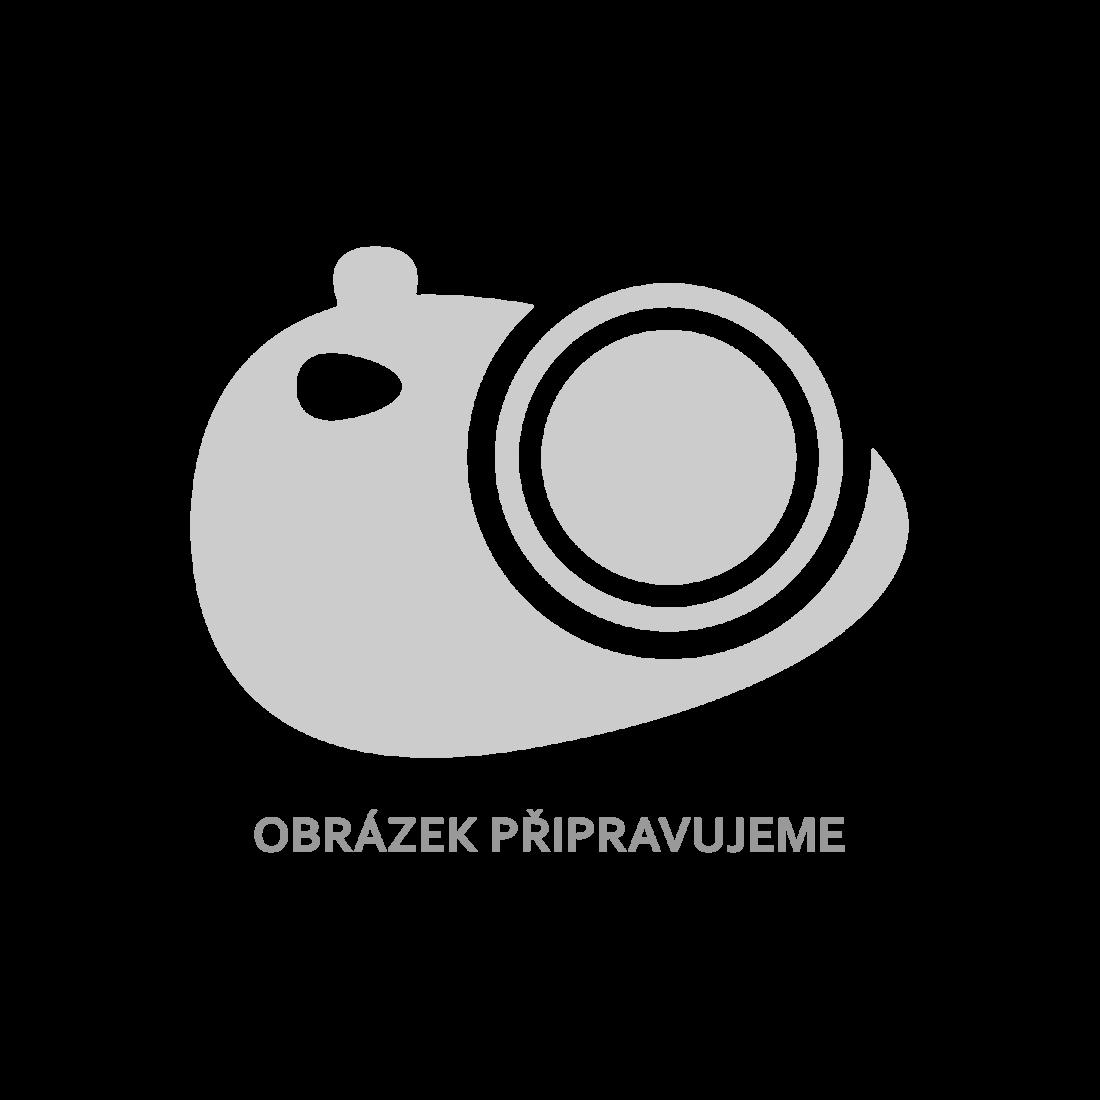 10 ks akáciové terasové dlaždice 30 x 30 cm